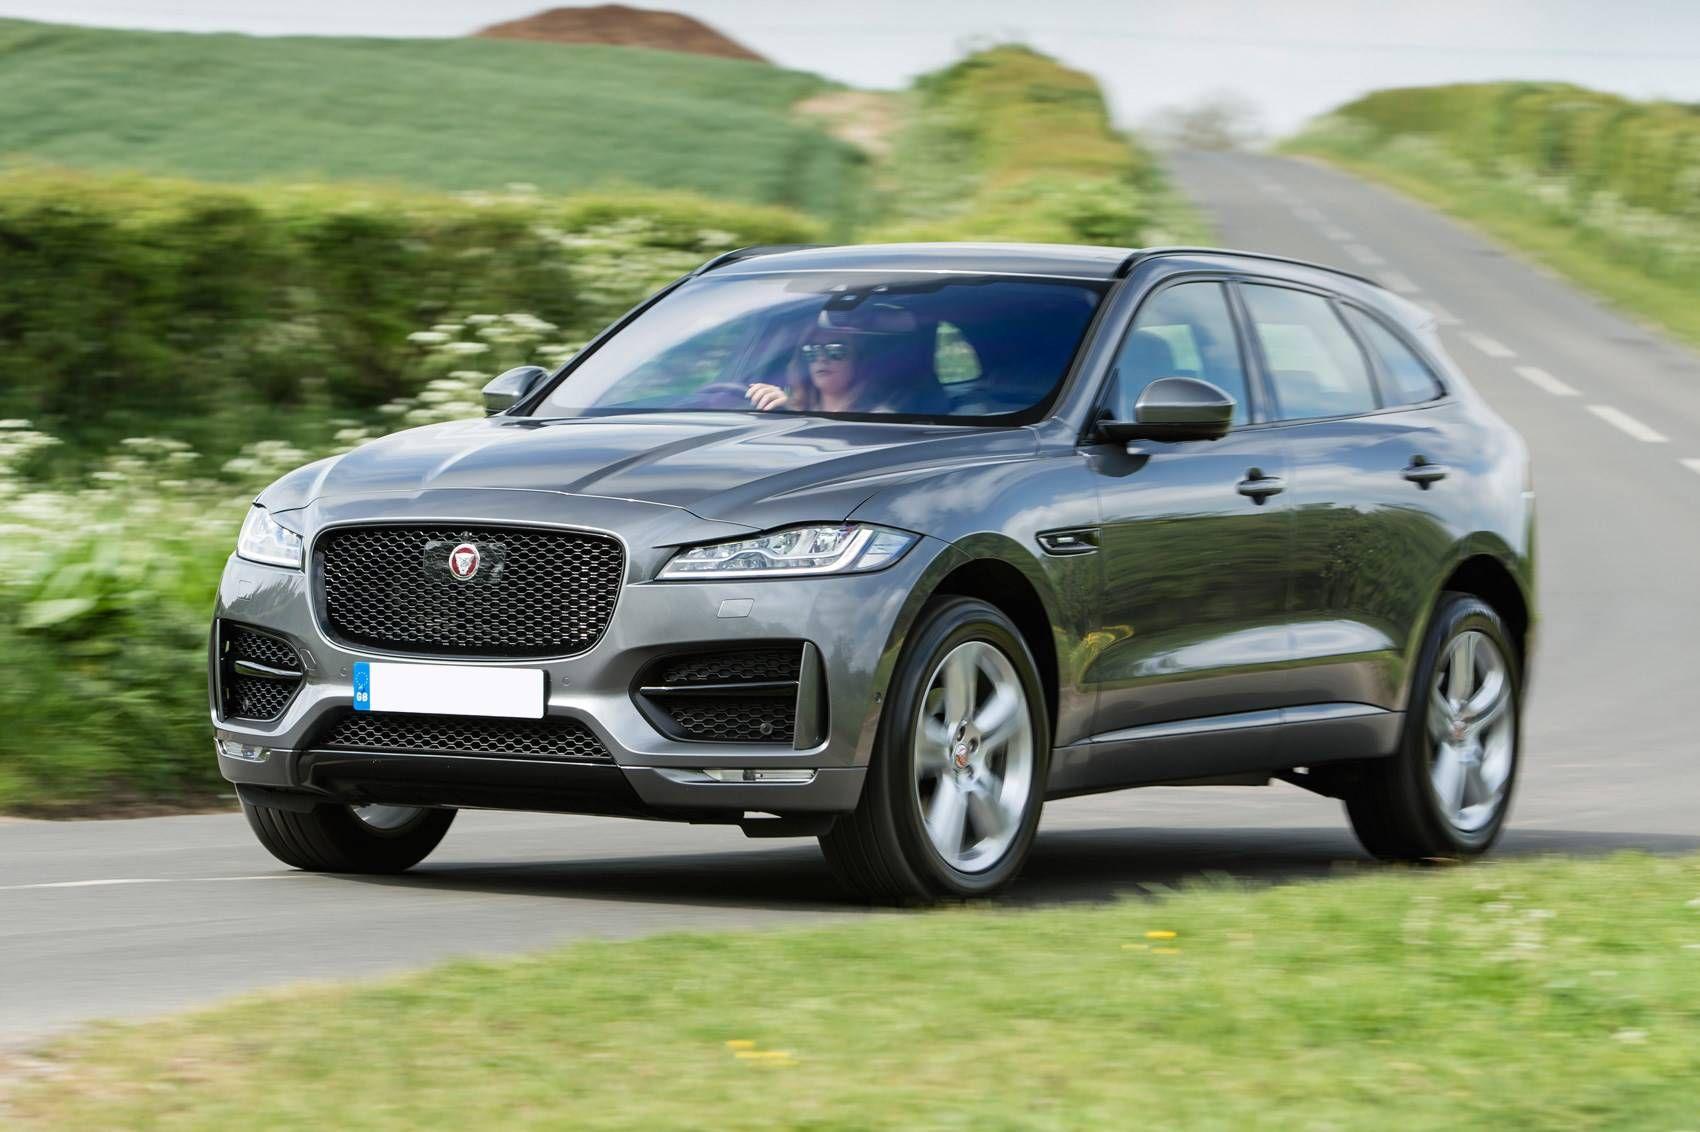 The dynamic, luxury Jaguar FPace SUV 💥 Jaguar FPACE R